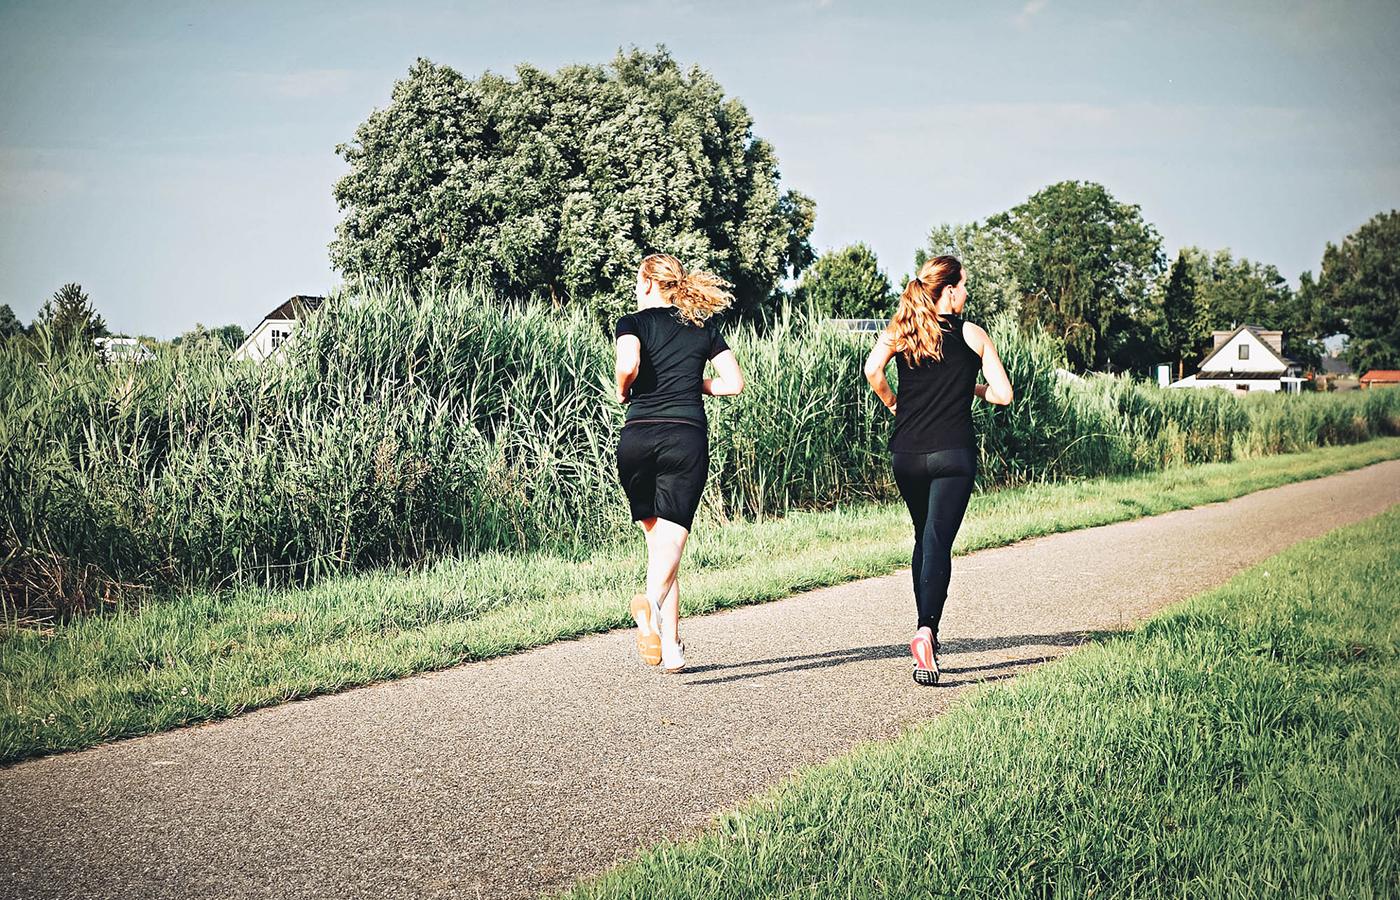 jogging-1509003_1920_LR_1400x900px